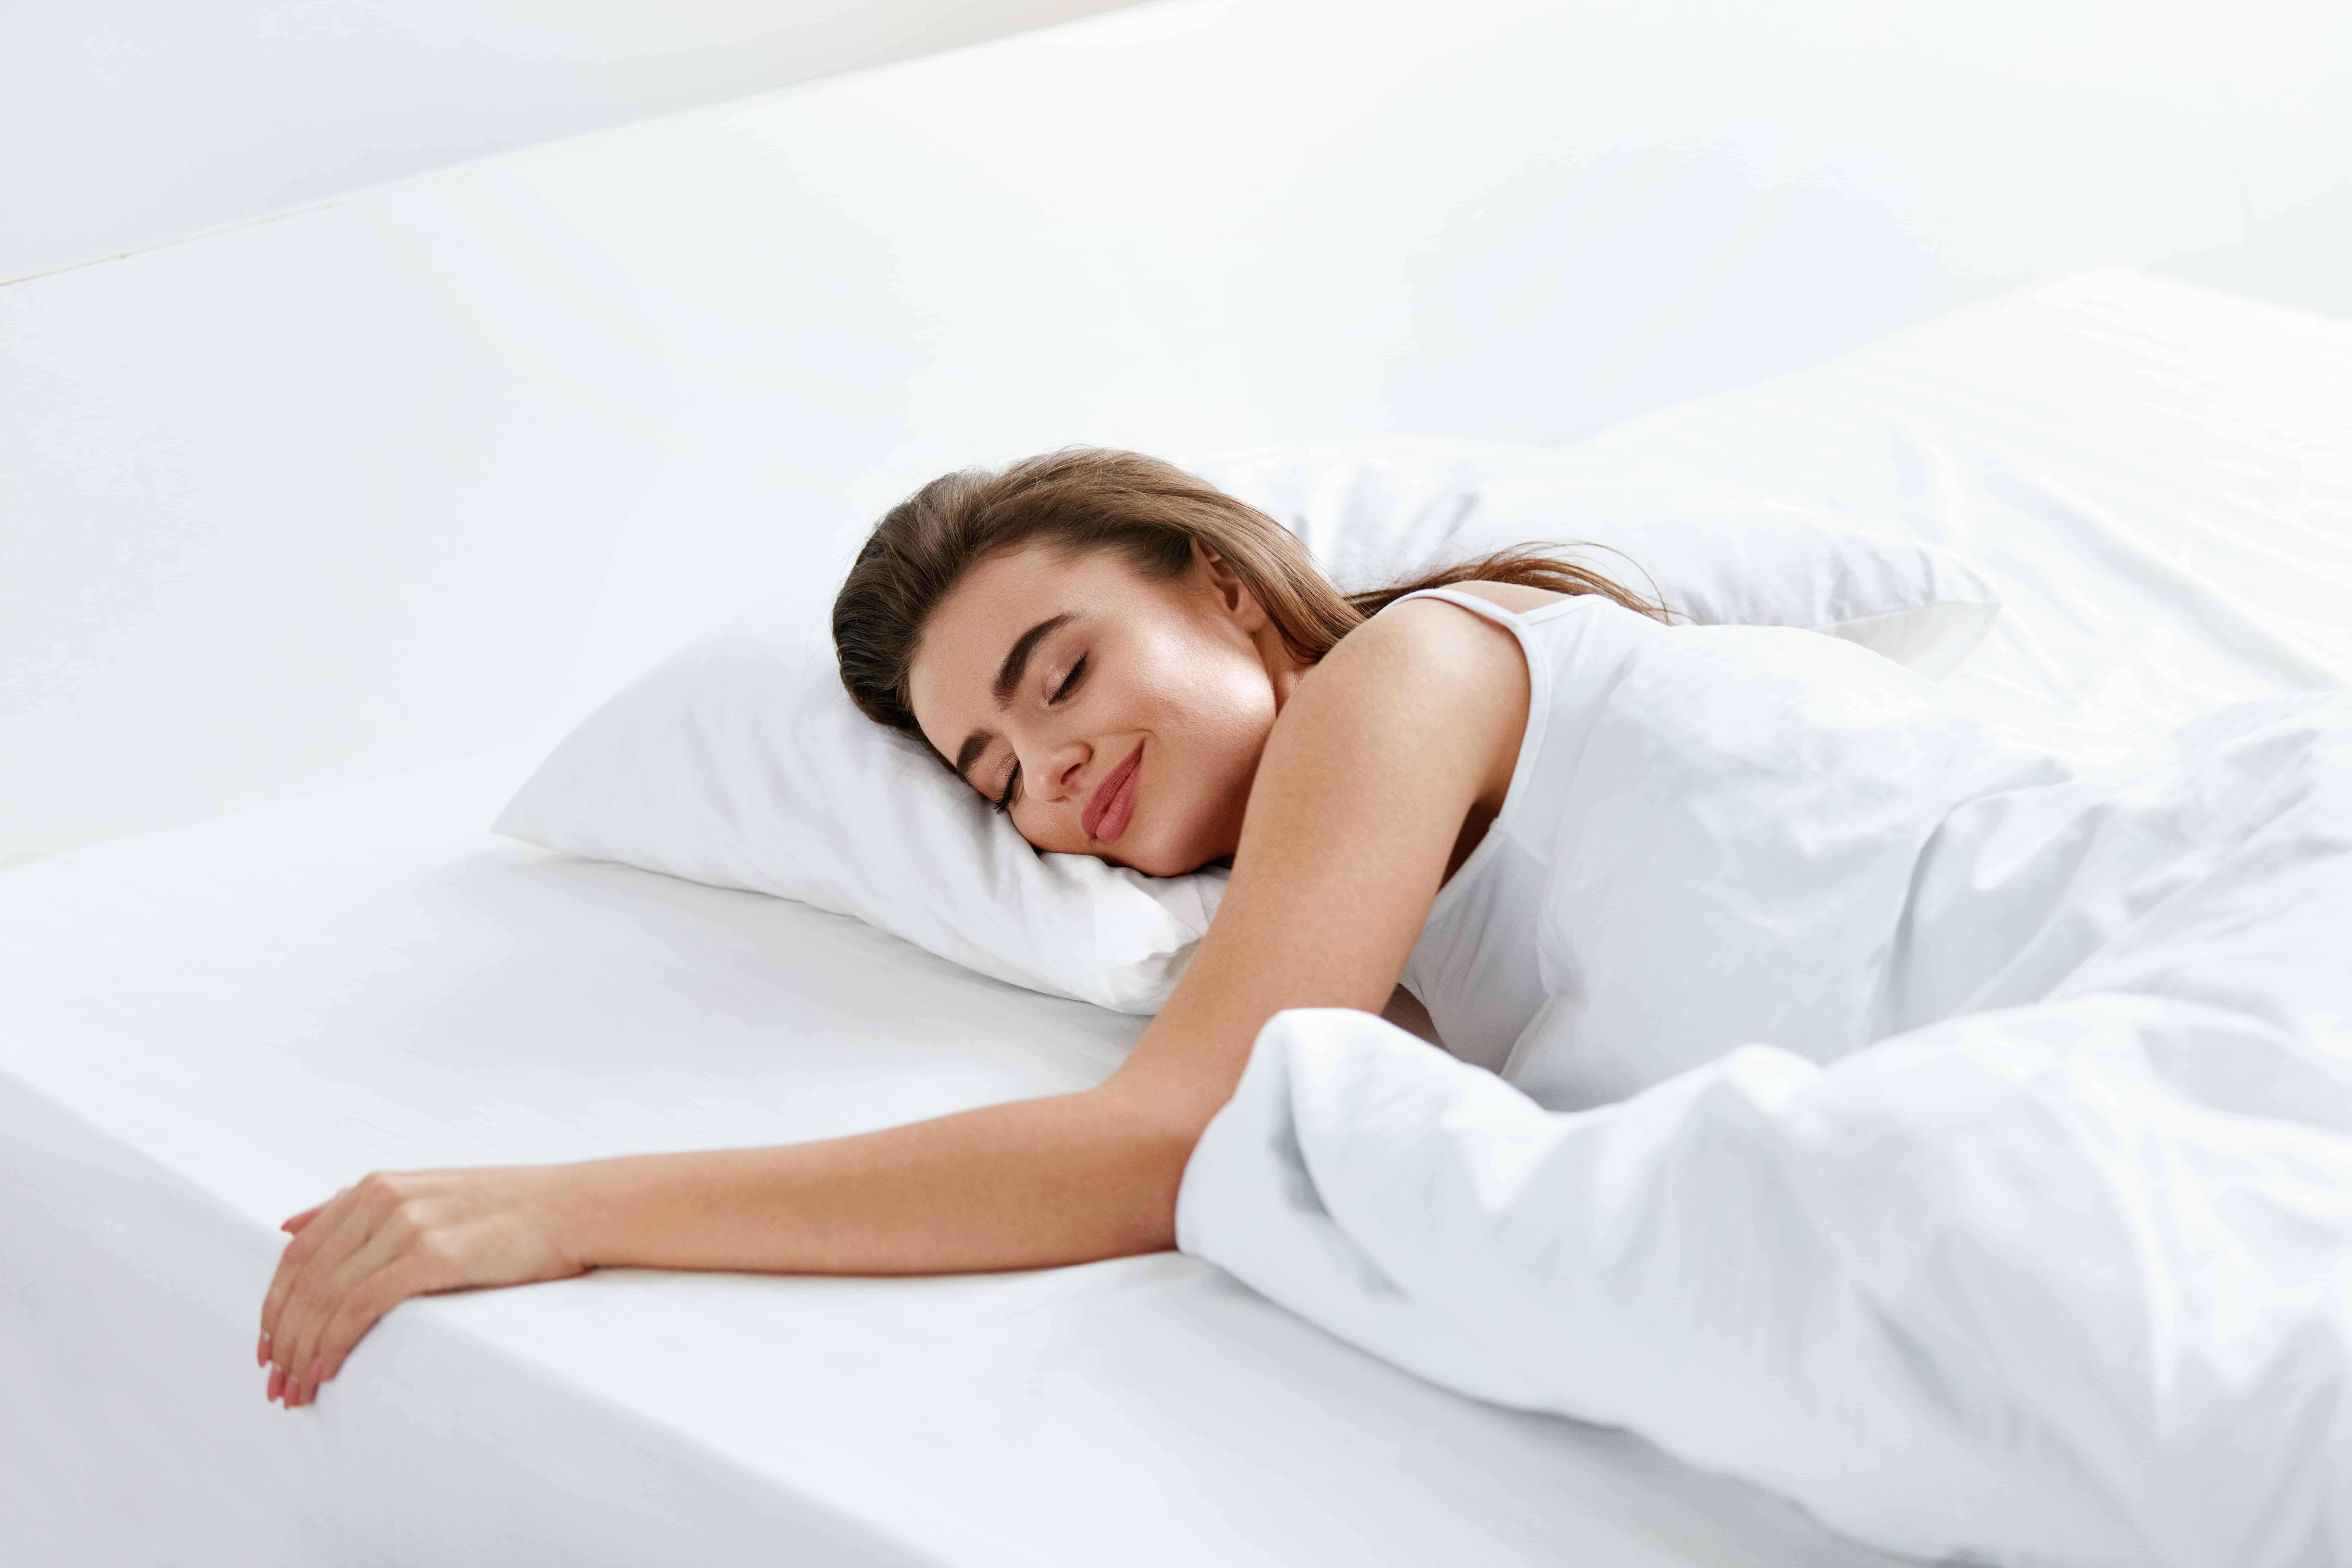 Biber Bettwäsche Test Empfehlungen 0120